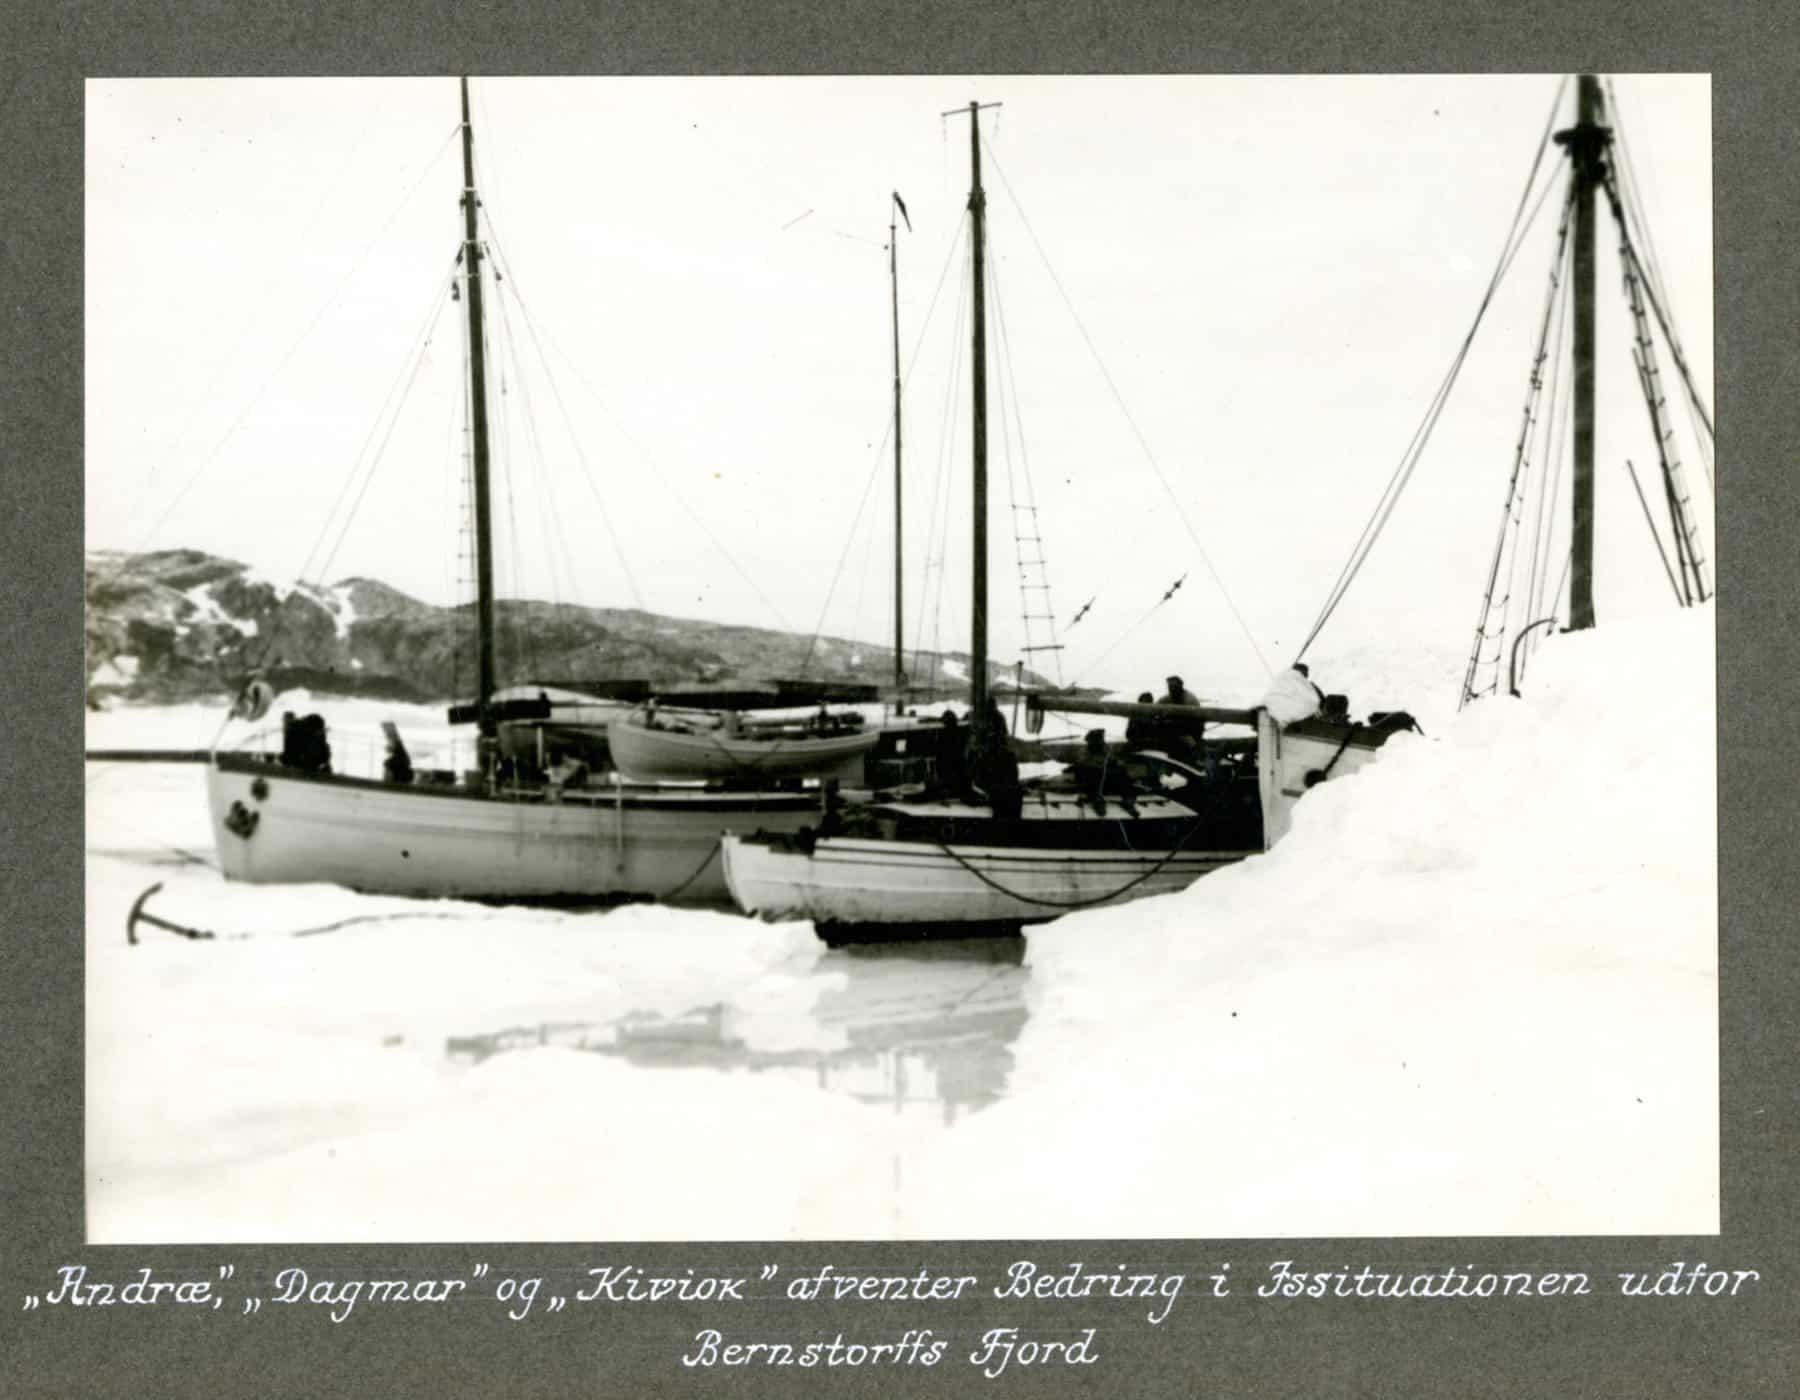 Kivioq foto fra Knud Rasmussen Arkivet - 4